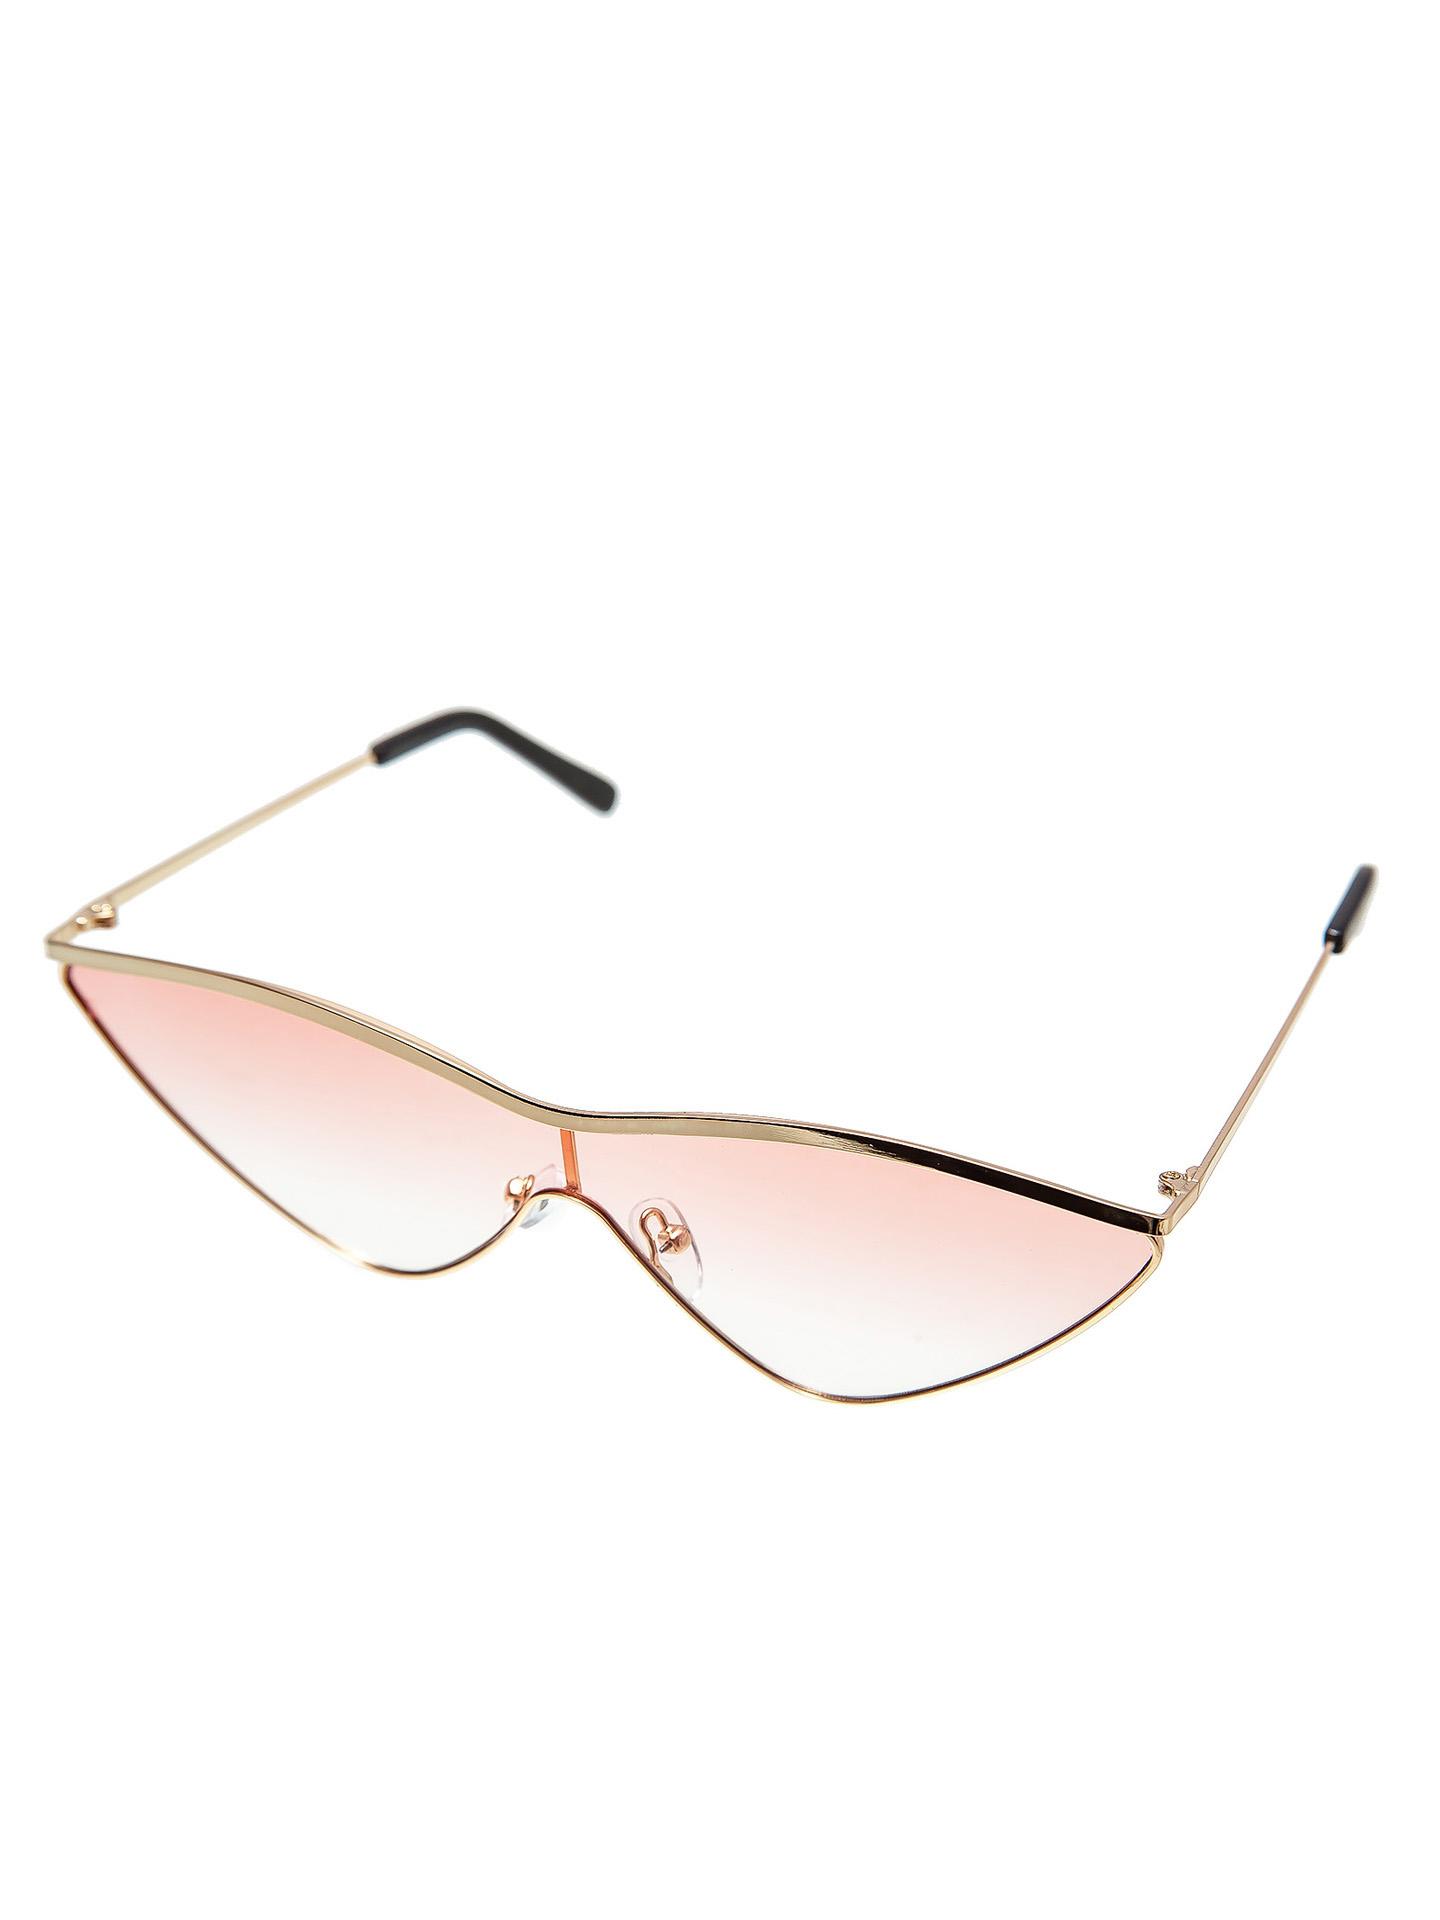 Очки солнцезащитные Kameo-bis GLS904051G904051Размер 4 см * 15 см Состав: пластик, металл